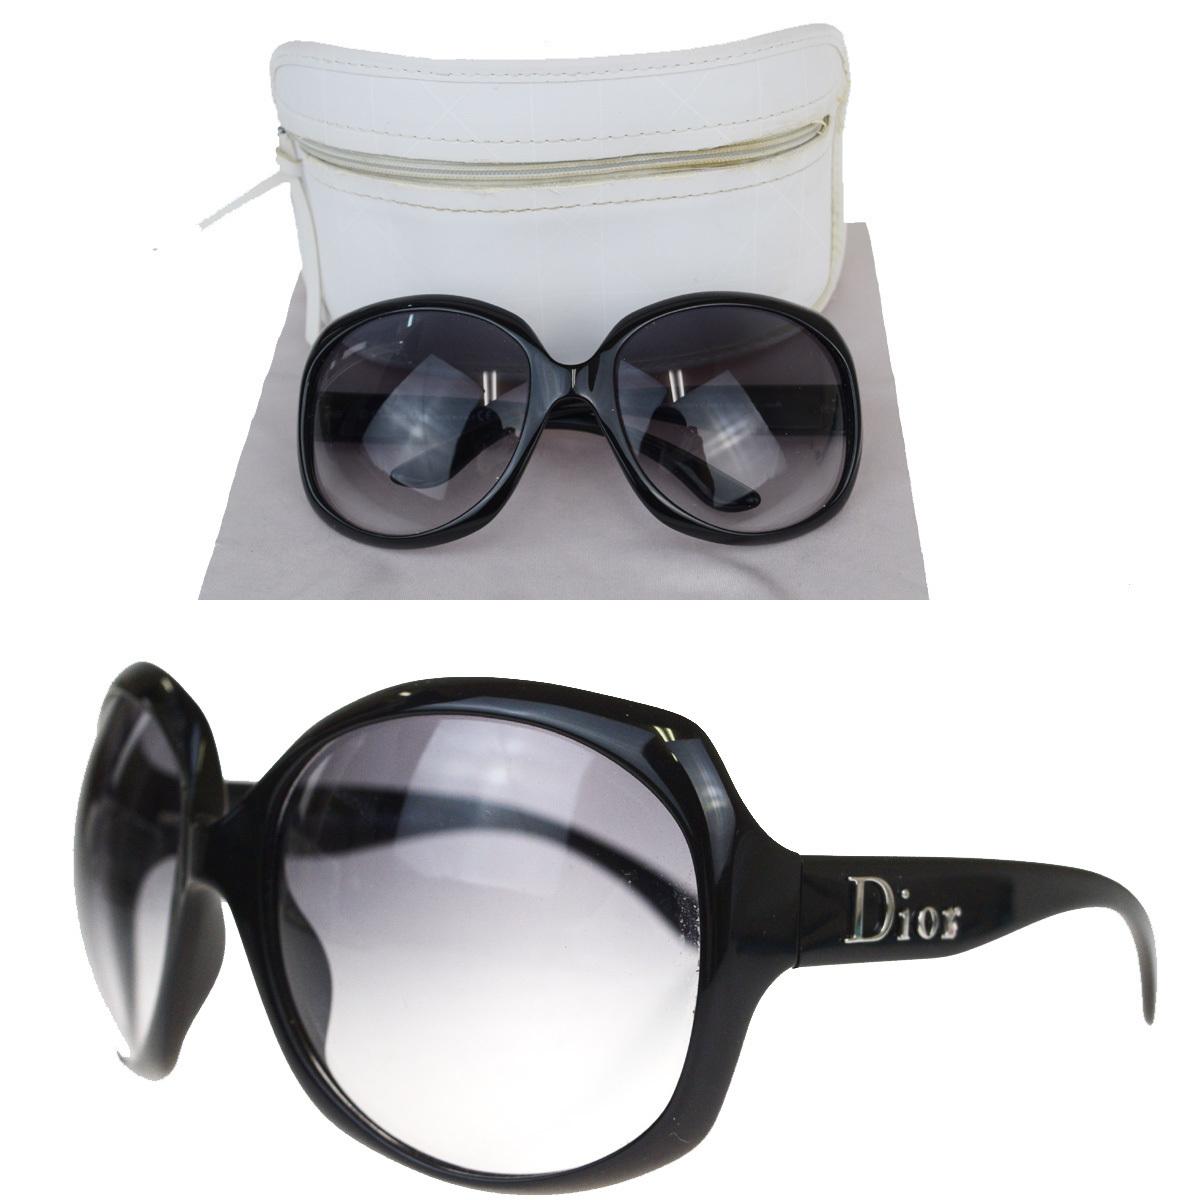 【中古】 クリスチャン・ディオール(Christian Dior) サングラス ブラック DIOR GLOSSY 1 584LF 08FA936